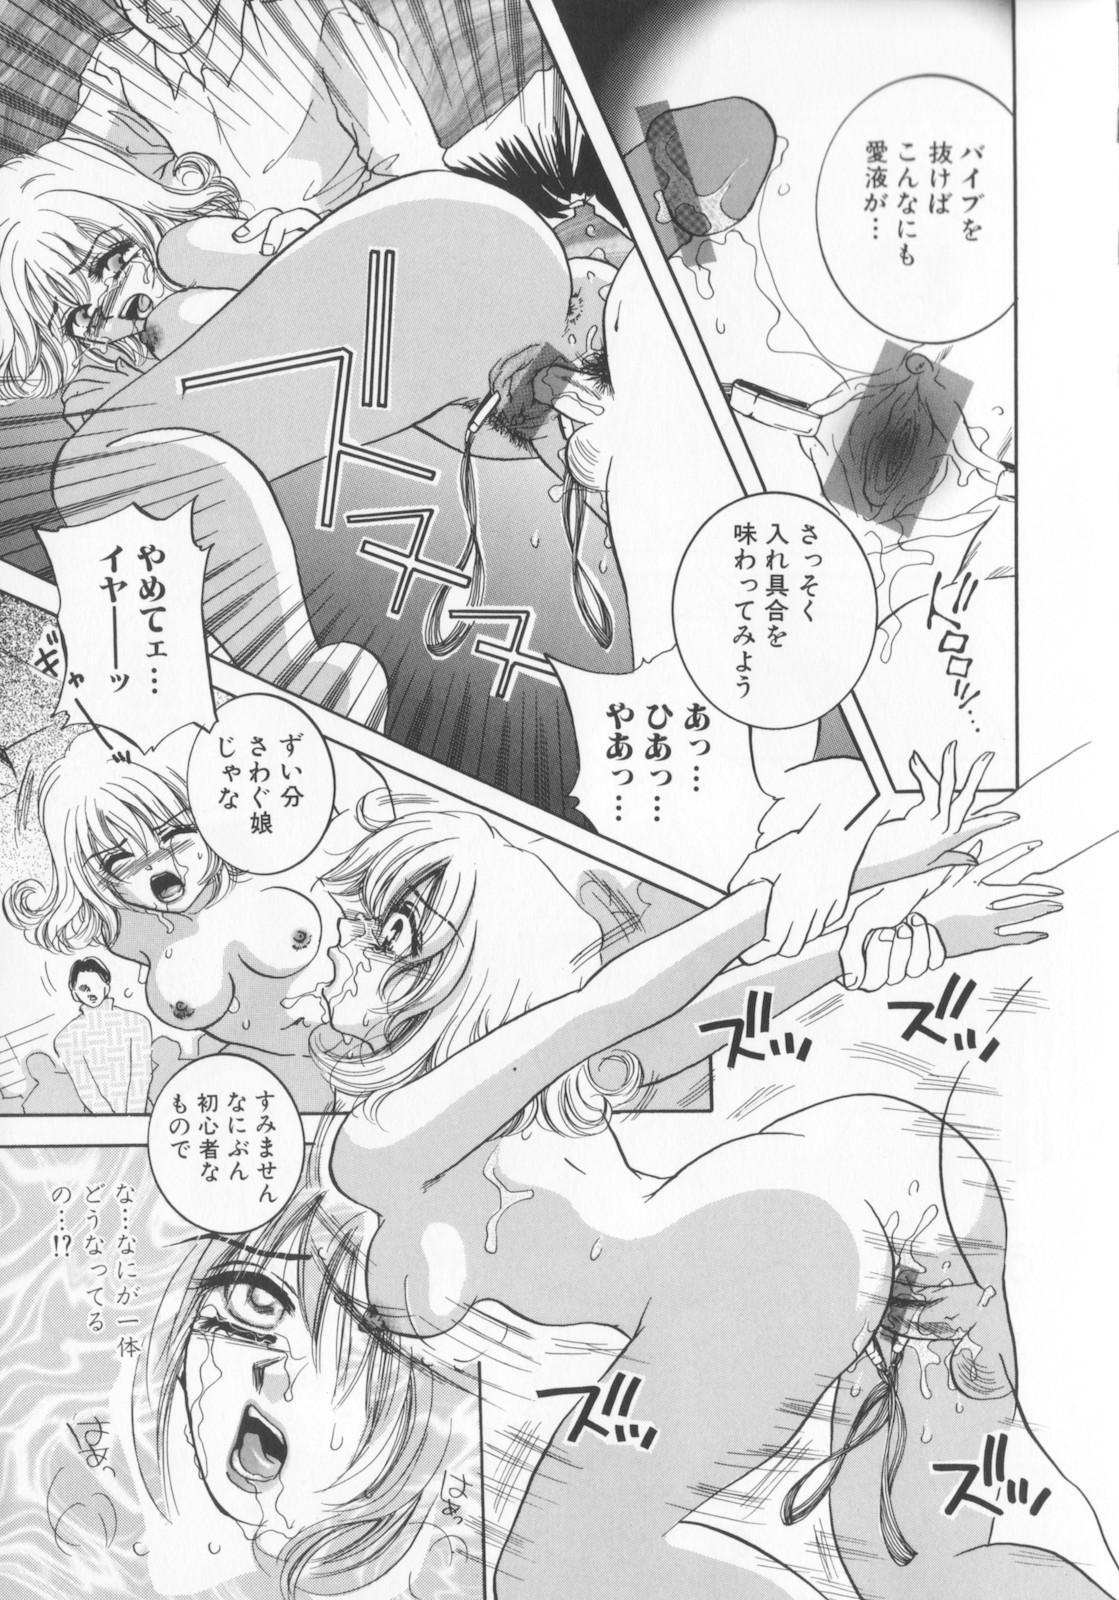 Kichiku dorei 120